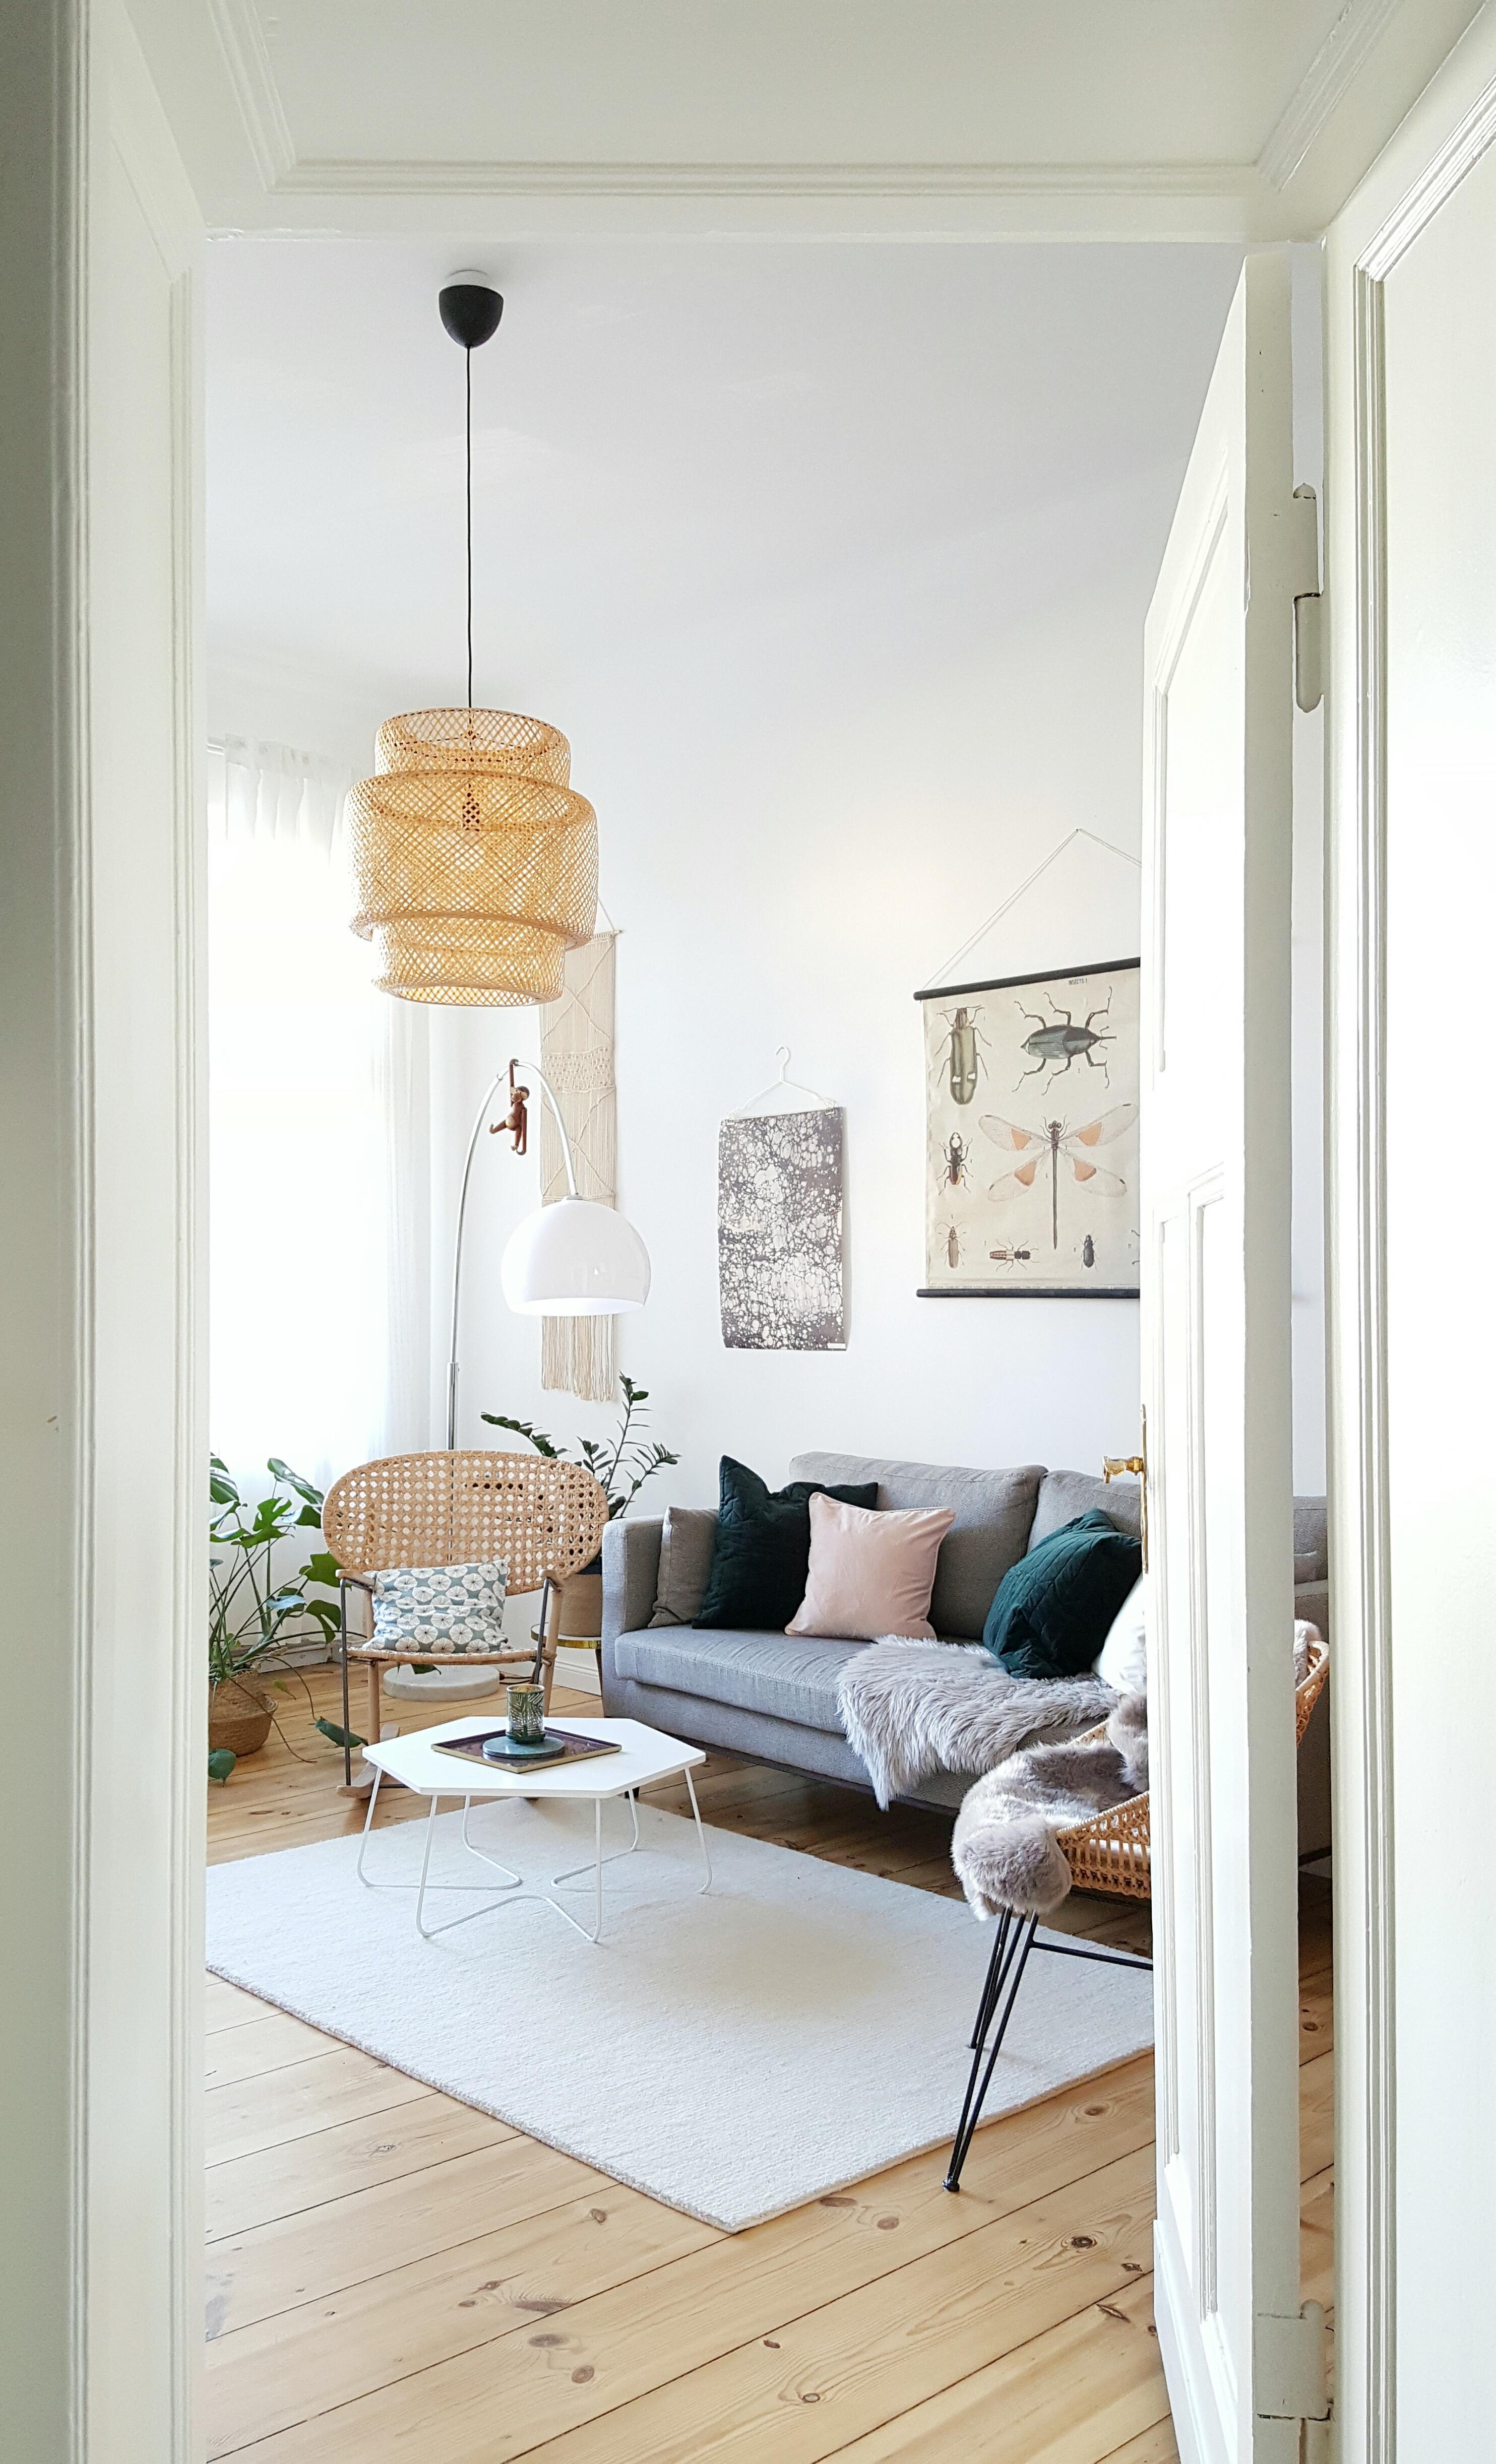 Neue Farben Im #Wohnzimmer #livingABC #couch #scandinavianstyle